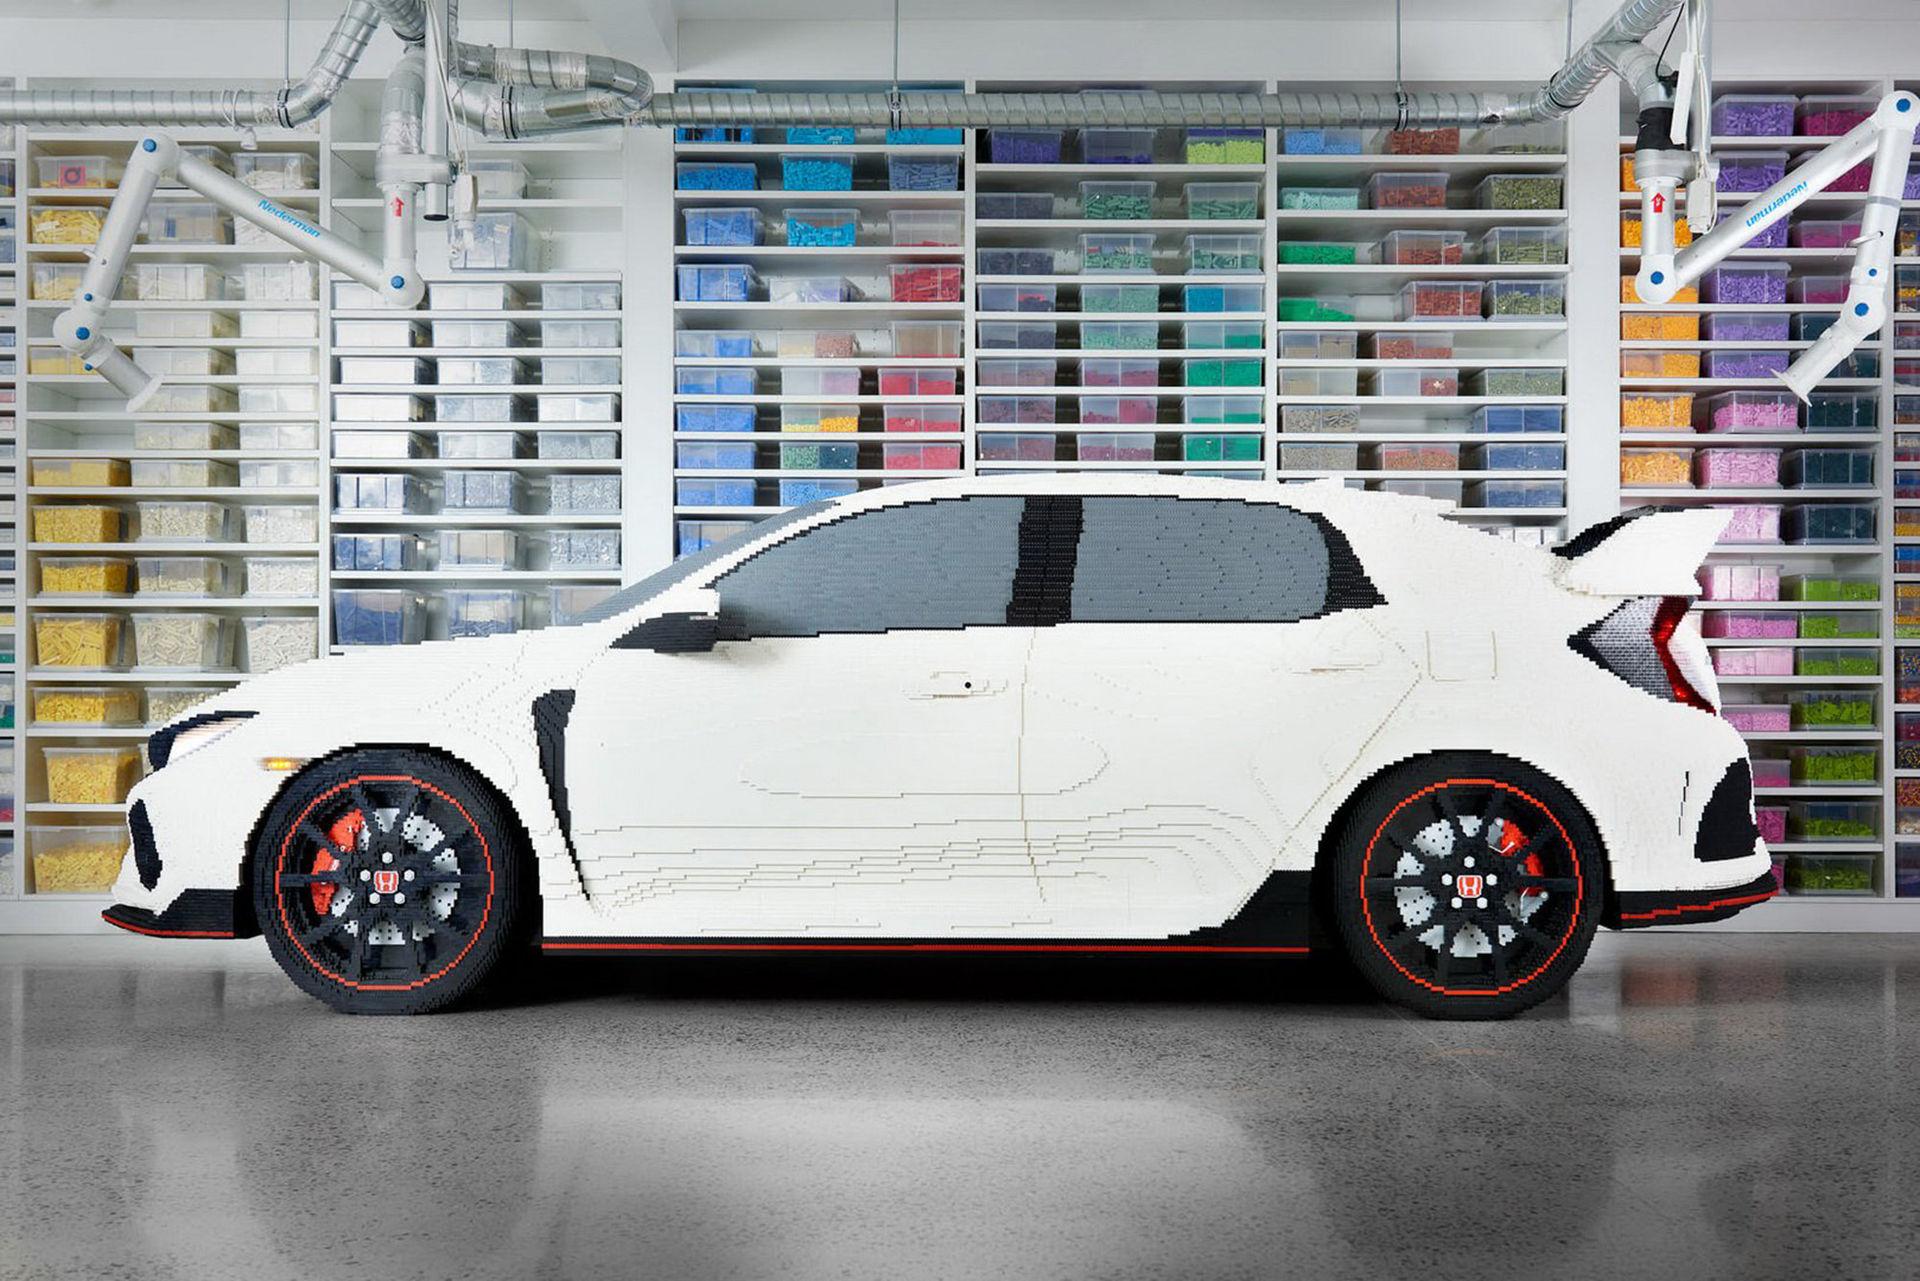 Honda Civic Type R i Lego